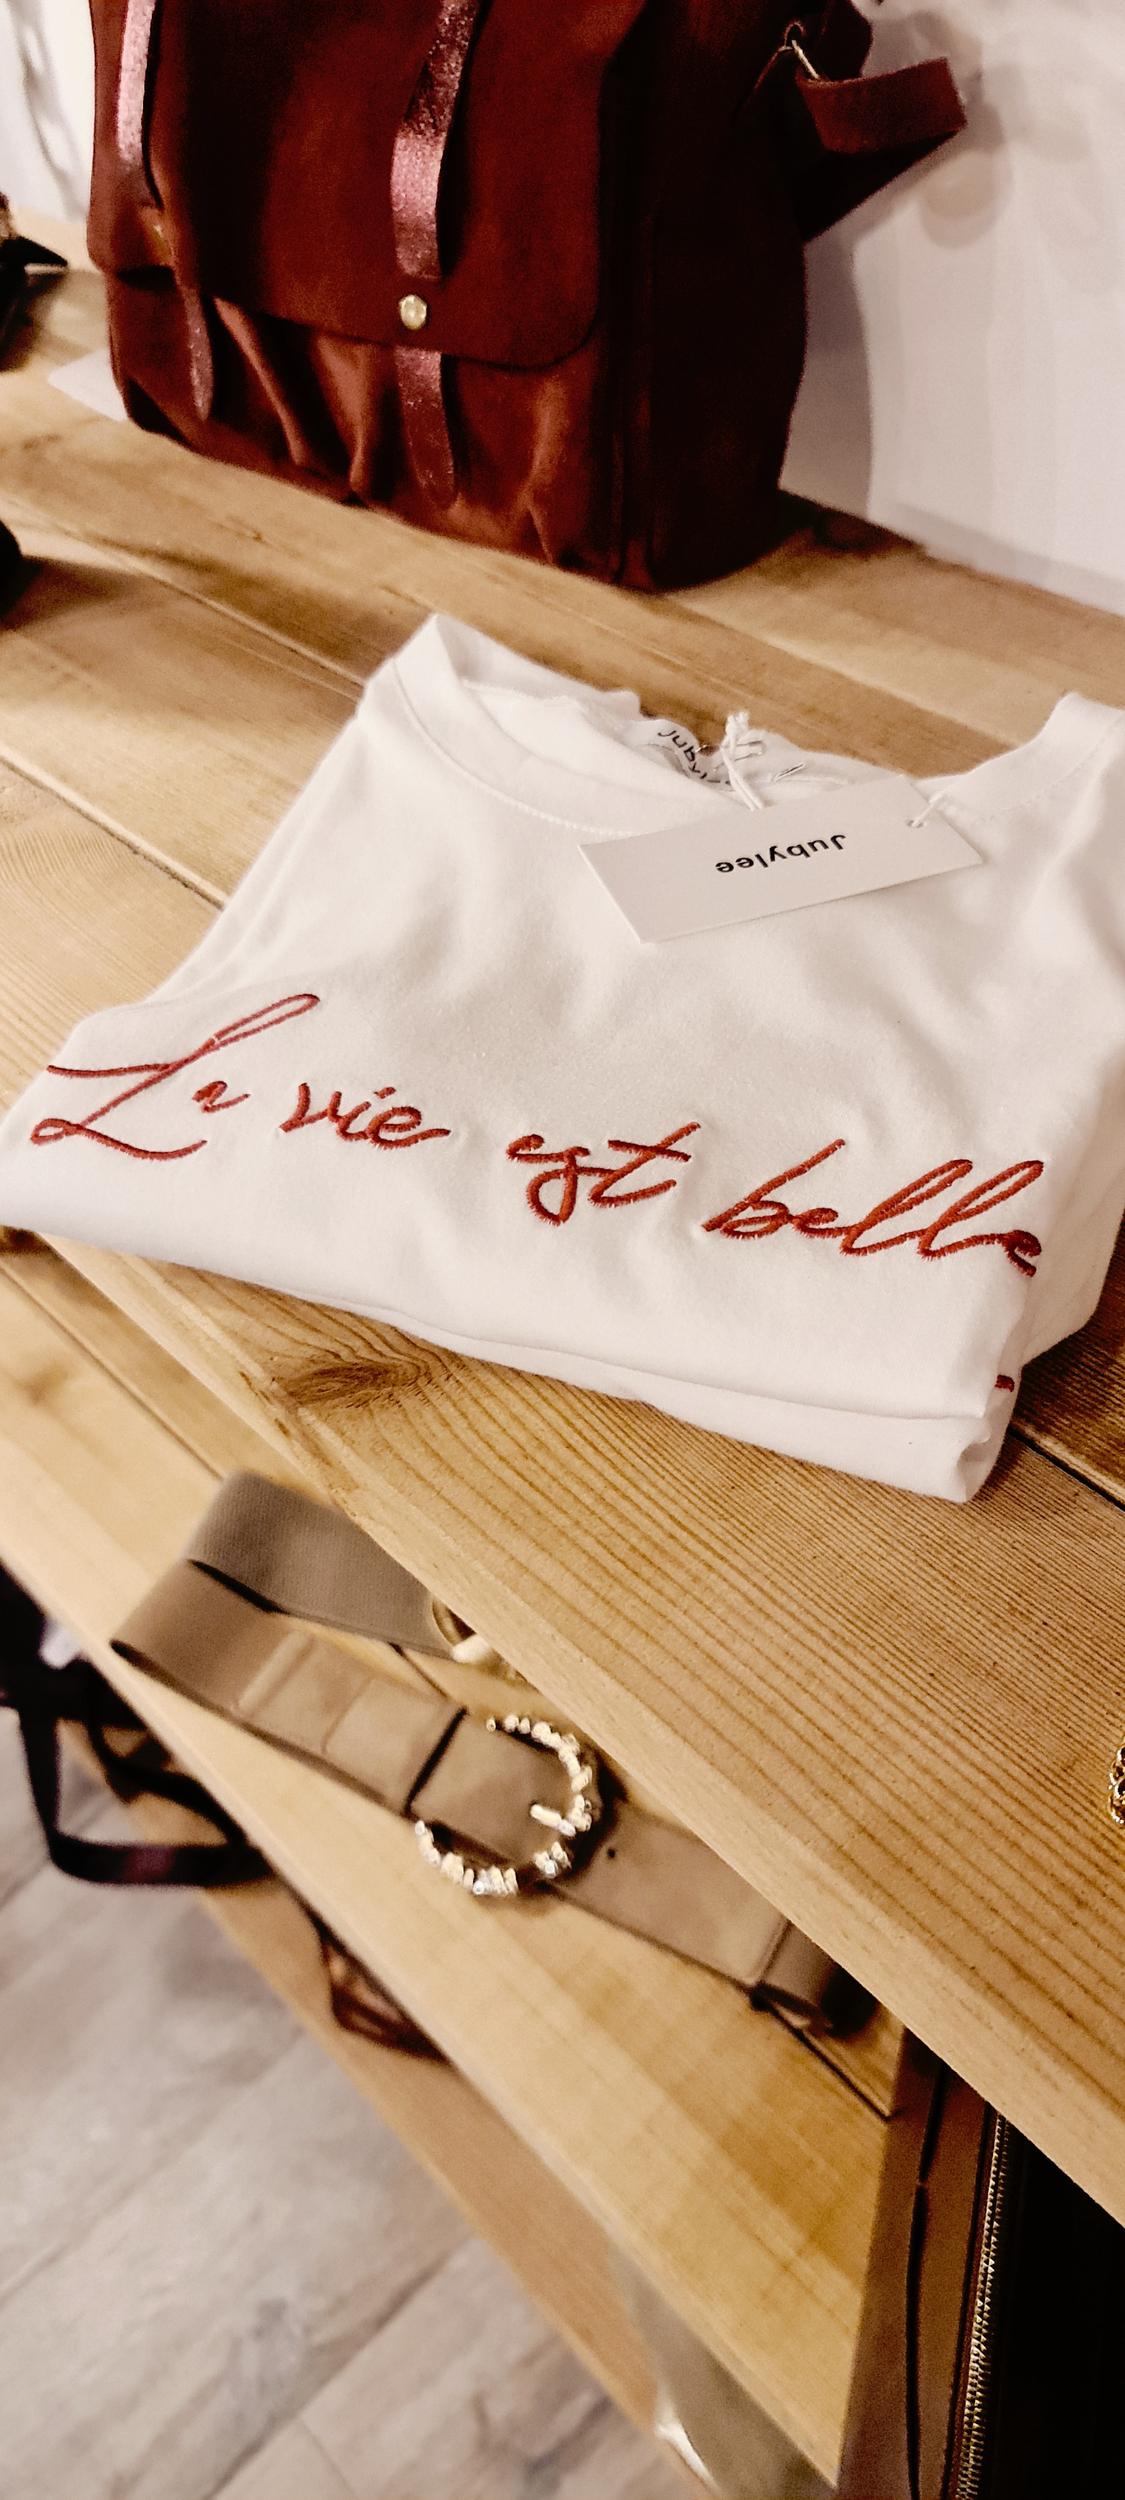 Tee-shirt la vie est belle rouge